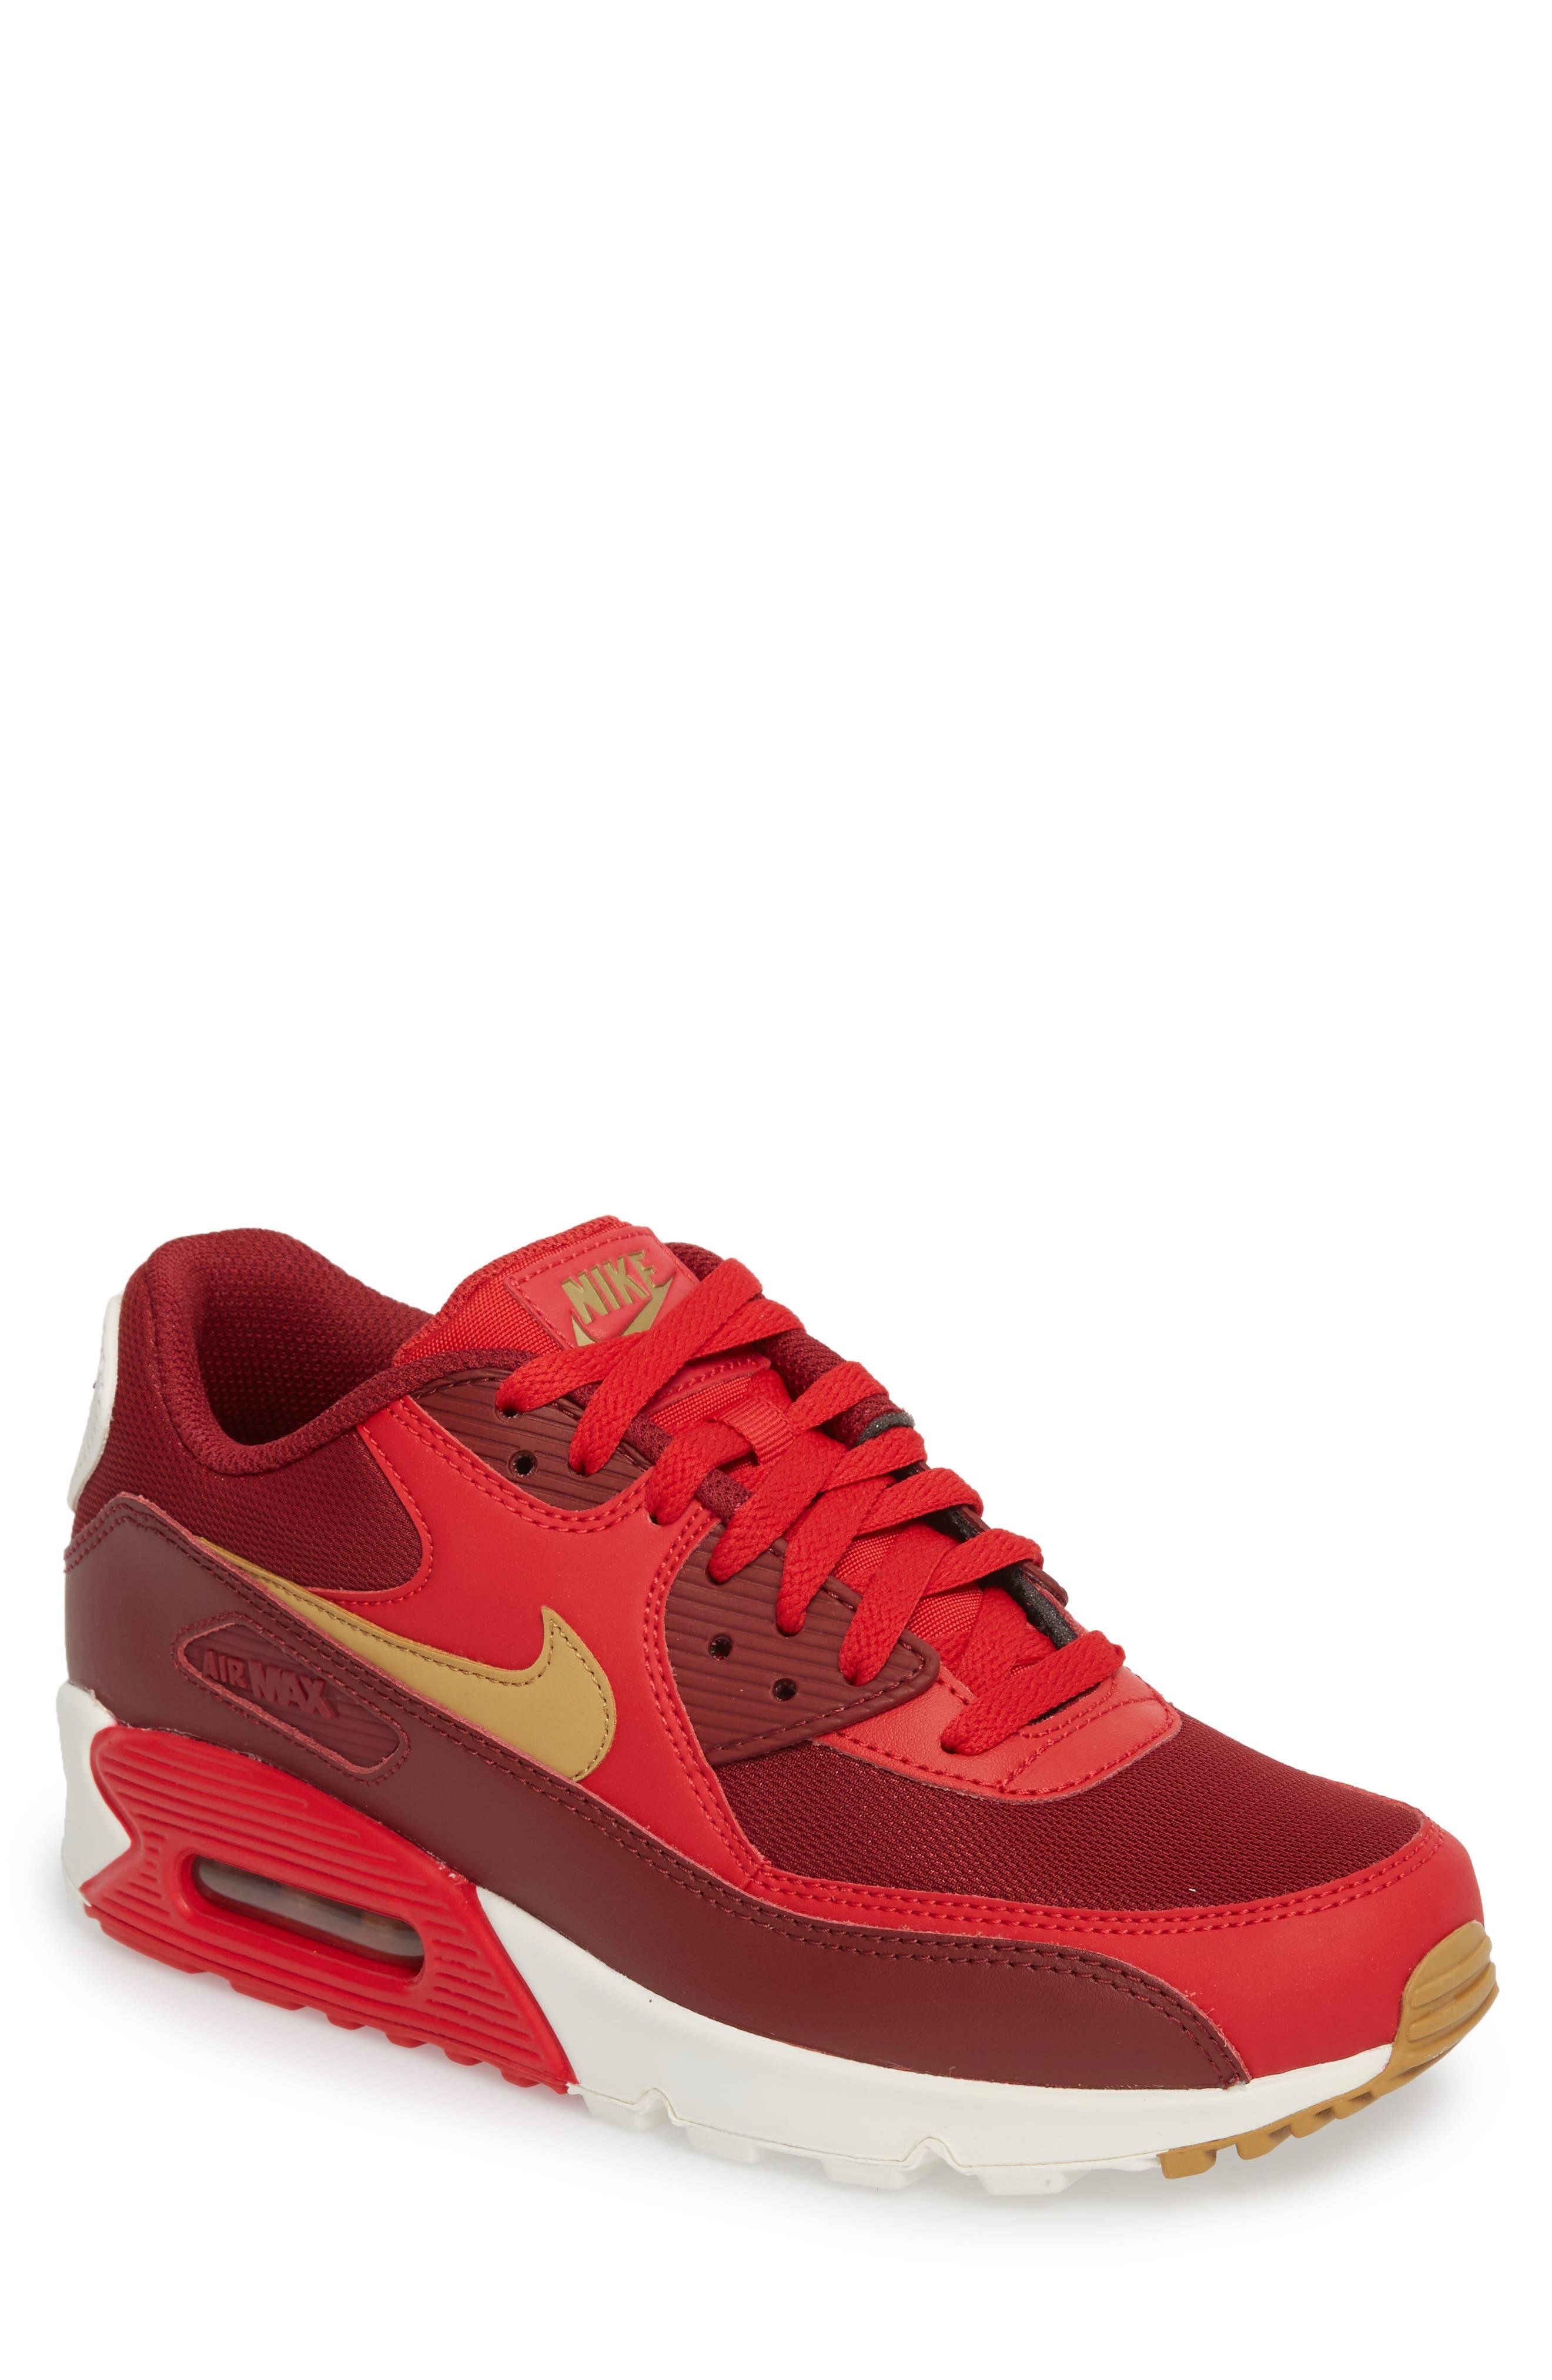 Alternate Image 1 Selected - Nike 'Air Max 90 Essential' Sneaker (Men)